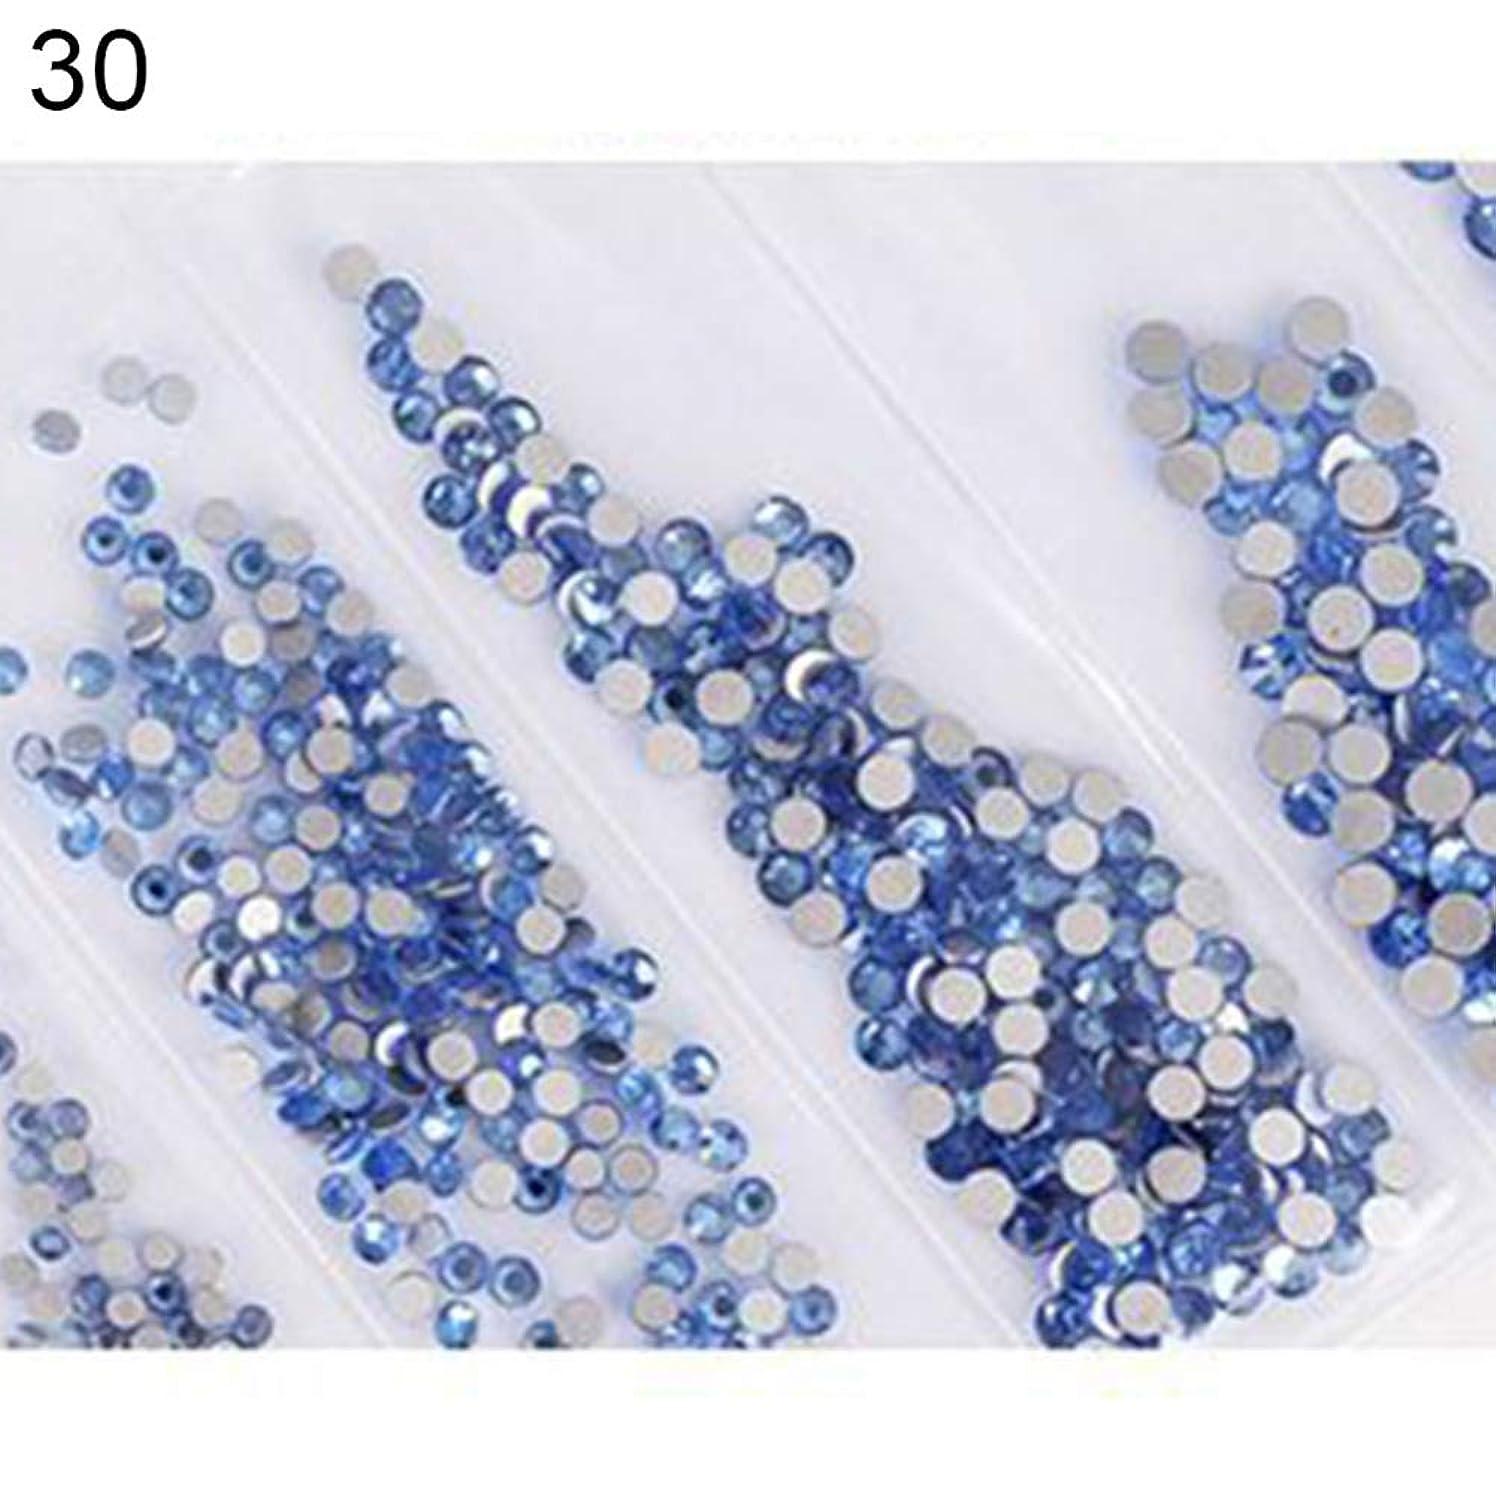 刺します失態頼るhamulekfae-6ピース光沢のあるフラットガラスラインストーンネイルアートの装飾diyマニキュアのヒントツール 30#